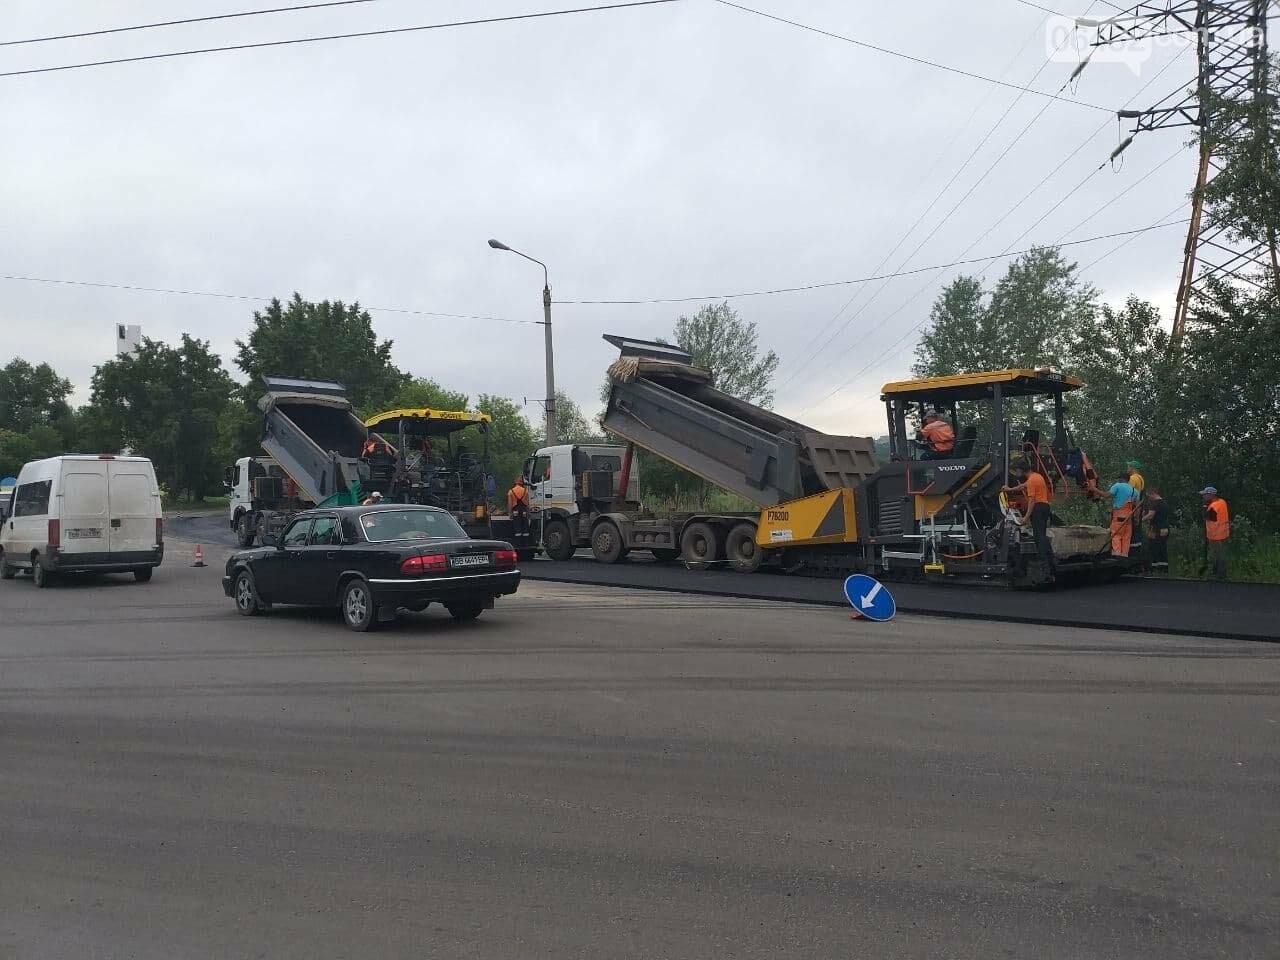 Ограничено движение троллейбусов и перекрыт пойменный мост: в Северодонецке ремонтируют дорогу, фото-14